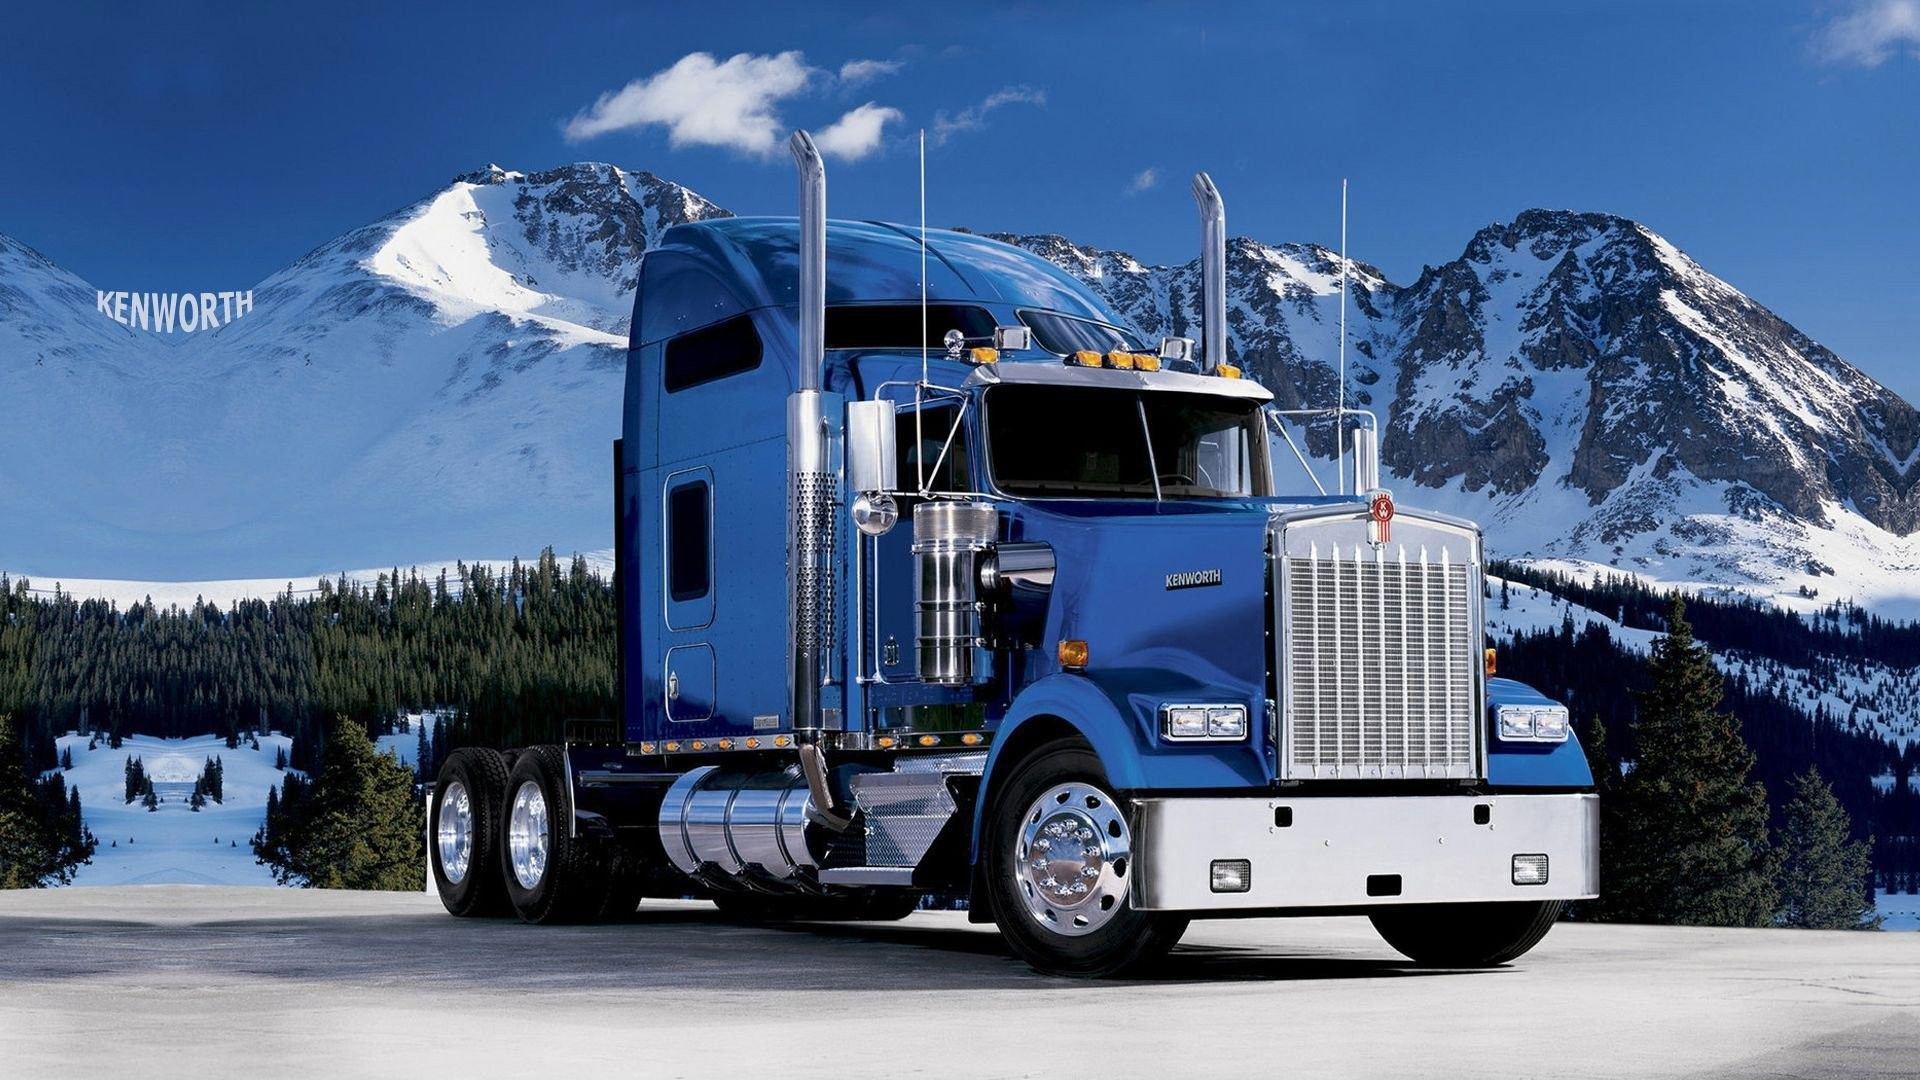 Best Of Kenworth Wallpaper Kenworth Kenworth Trucks Trucks